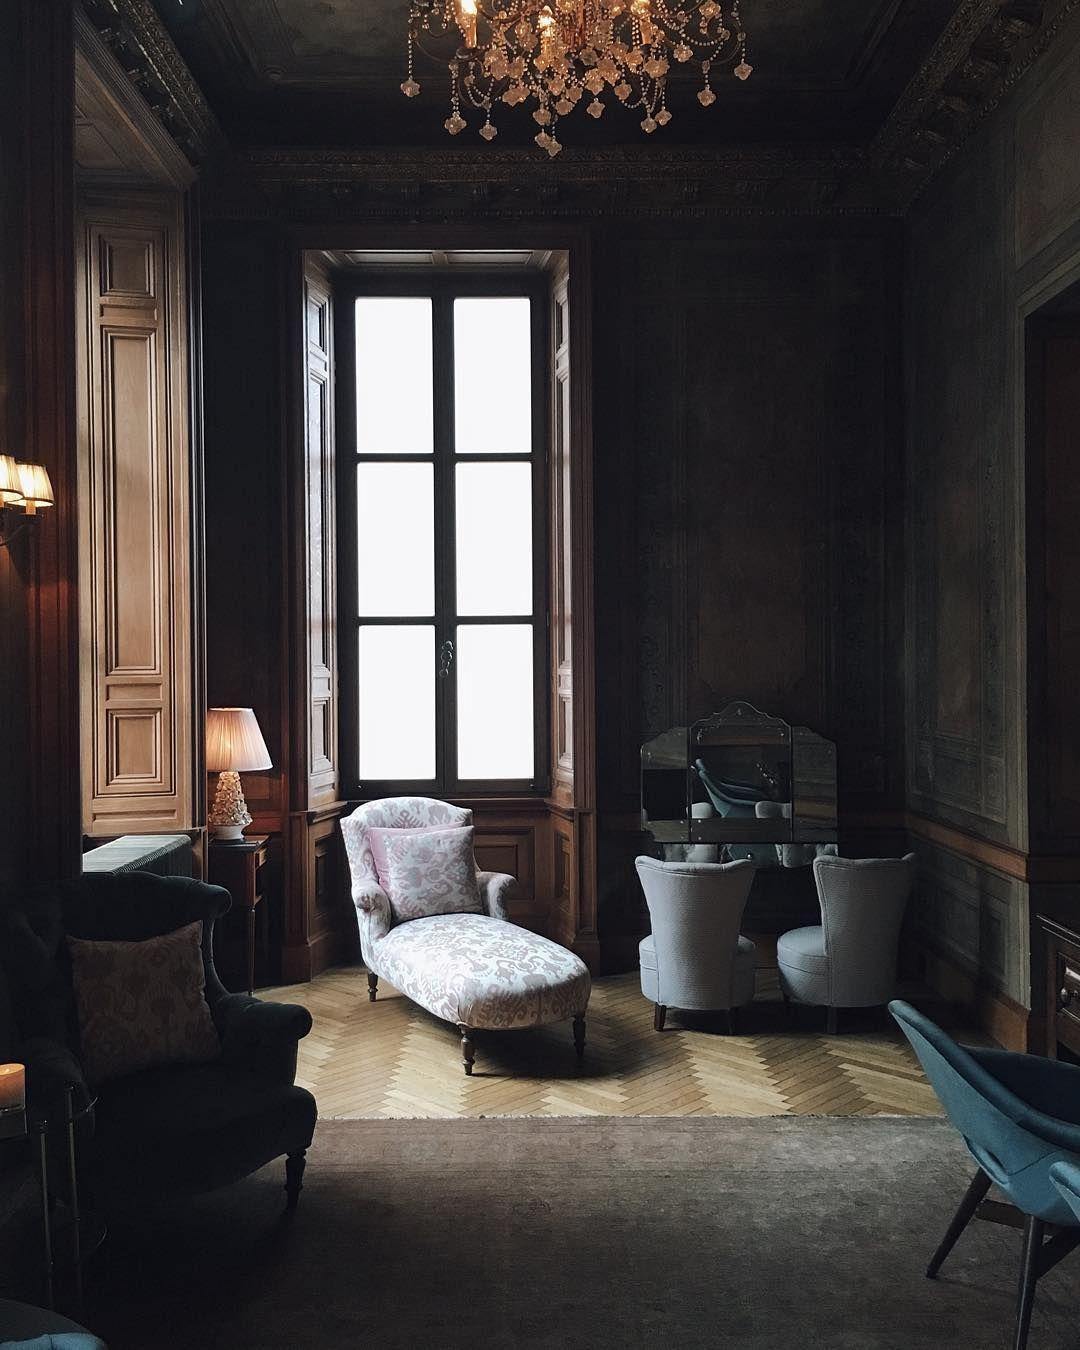 cecile molinie restaurant bar pinterest stimmung einrichten und wohnen und braun. Black Bedroom Furniture Sets. Home Design Ideas